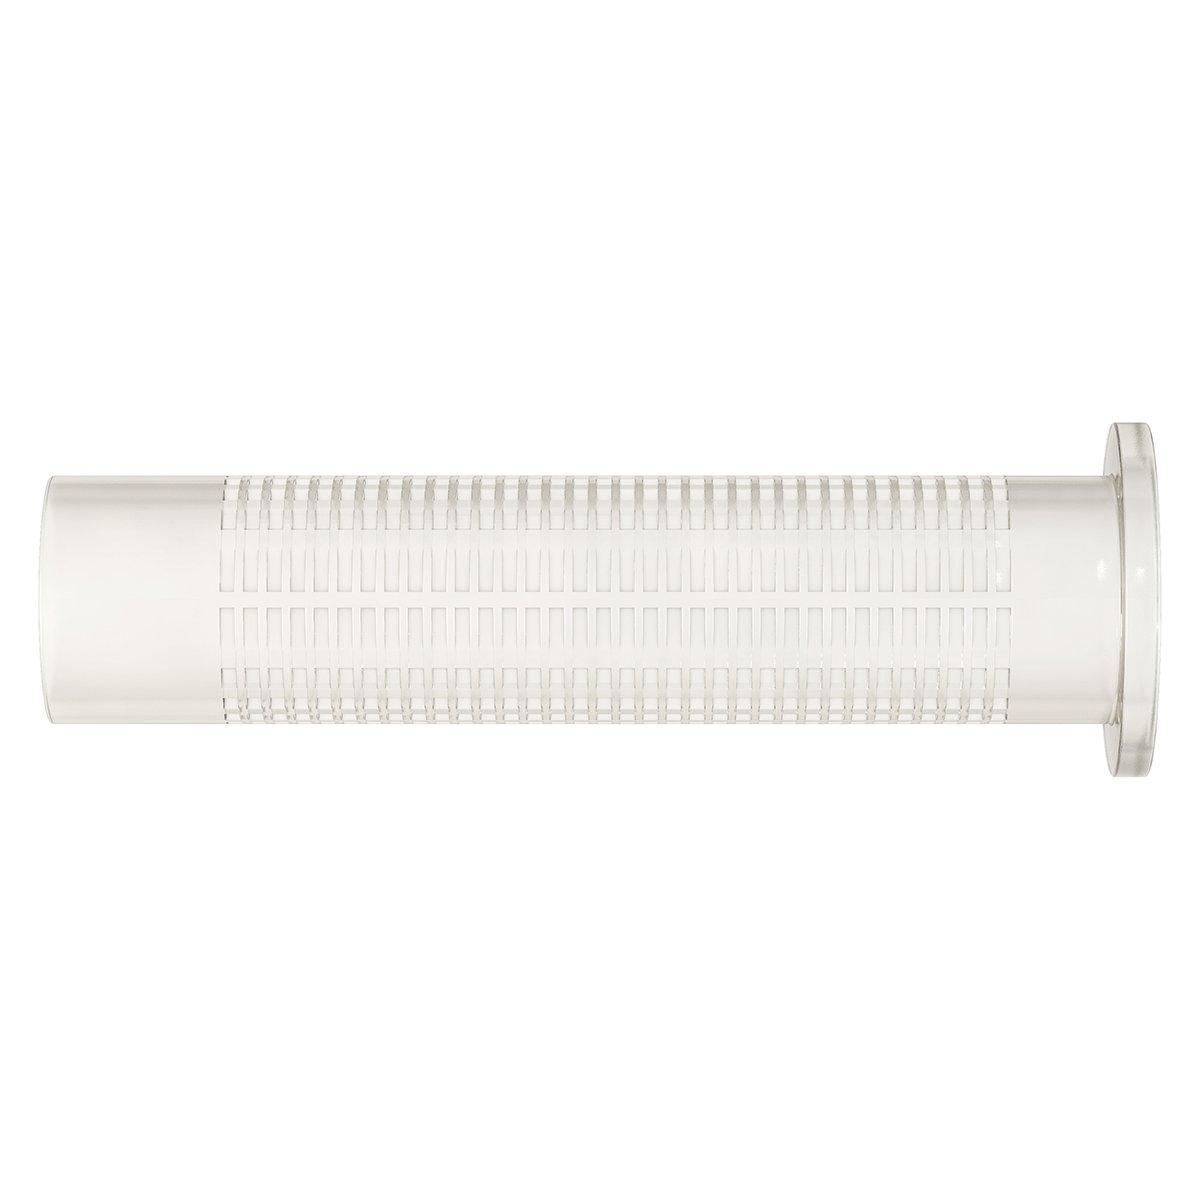 TOX Verbundmö rtelzubehö r Liquix Sleeve Siebhü lsen 20 x 85 mm, Inhalt 20 Stü ck, 08460078